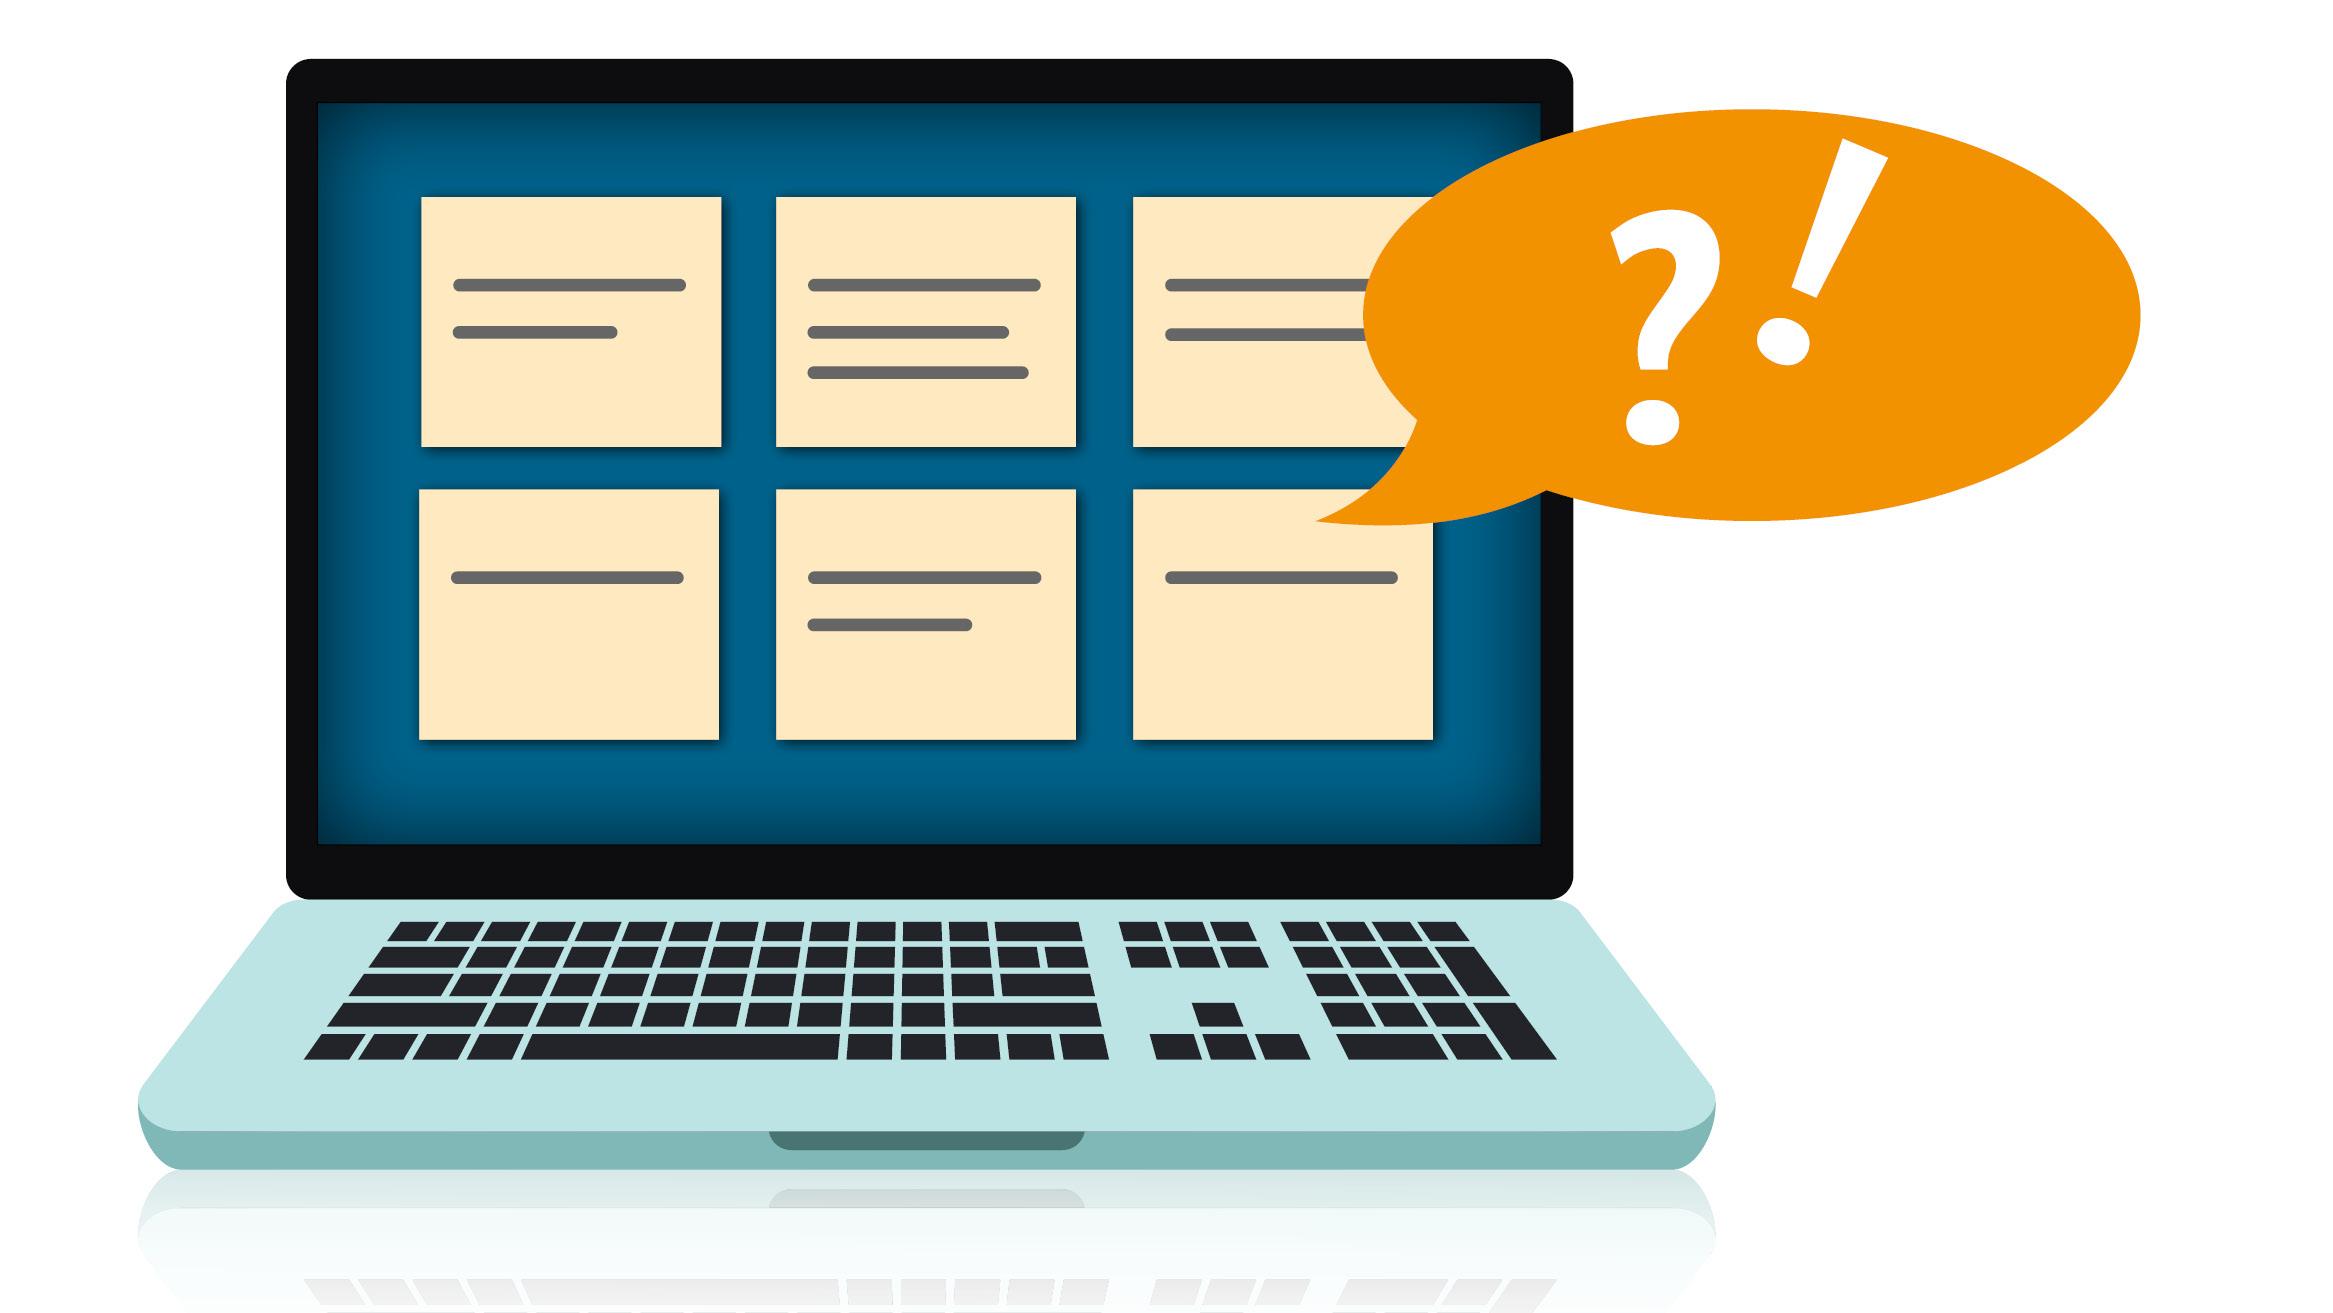 Wie würden Sie die Inhalte unserer Website anordnen?